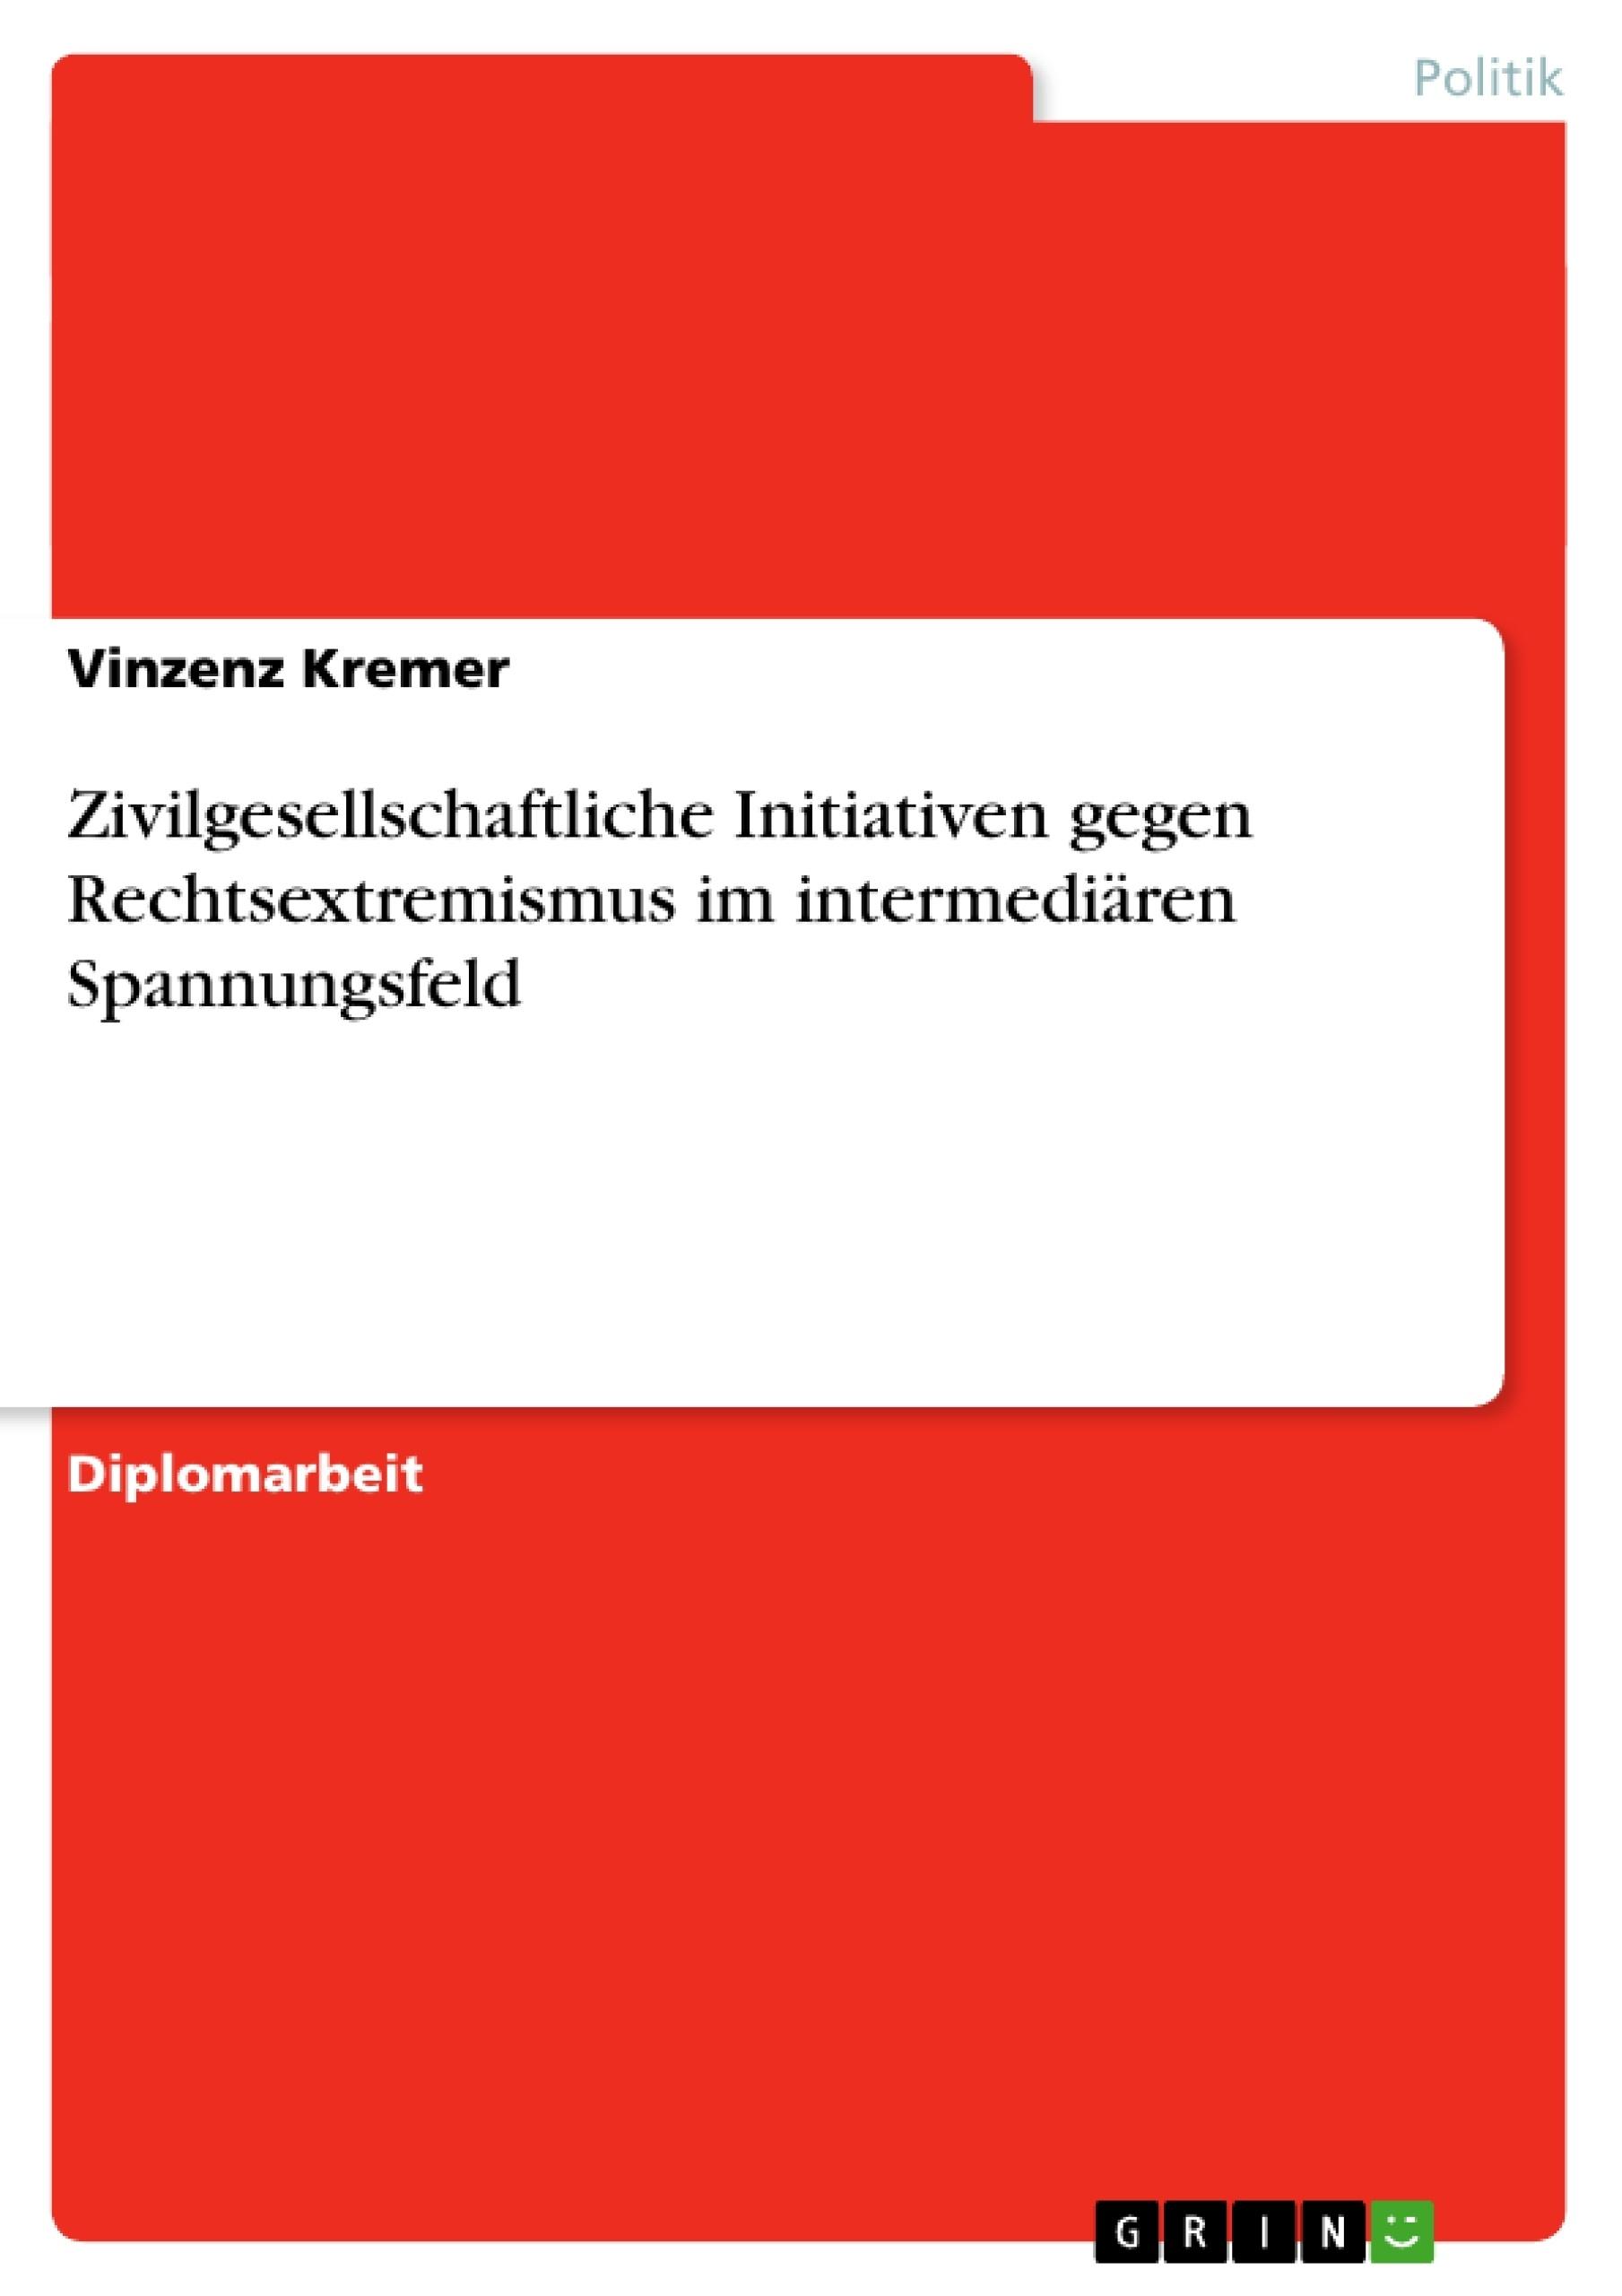 Titel: Zivilgesellschaftliche Initiativen gegen Rechtsextremismus im intermediären Spannungsfeld